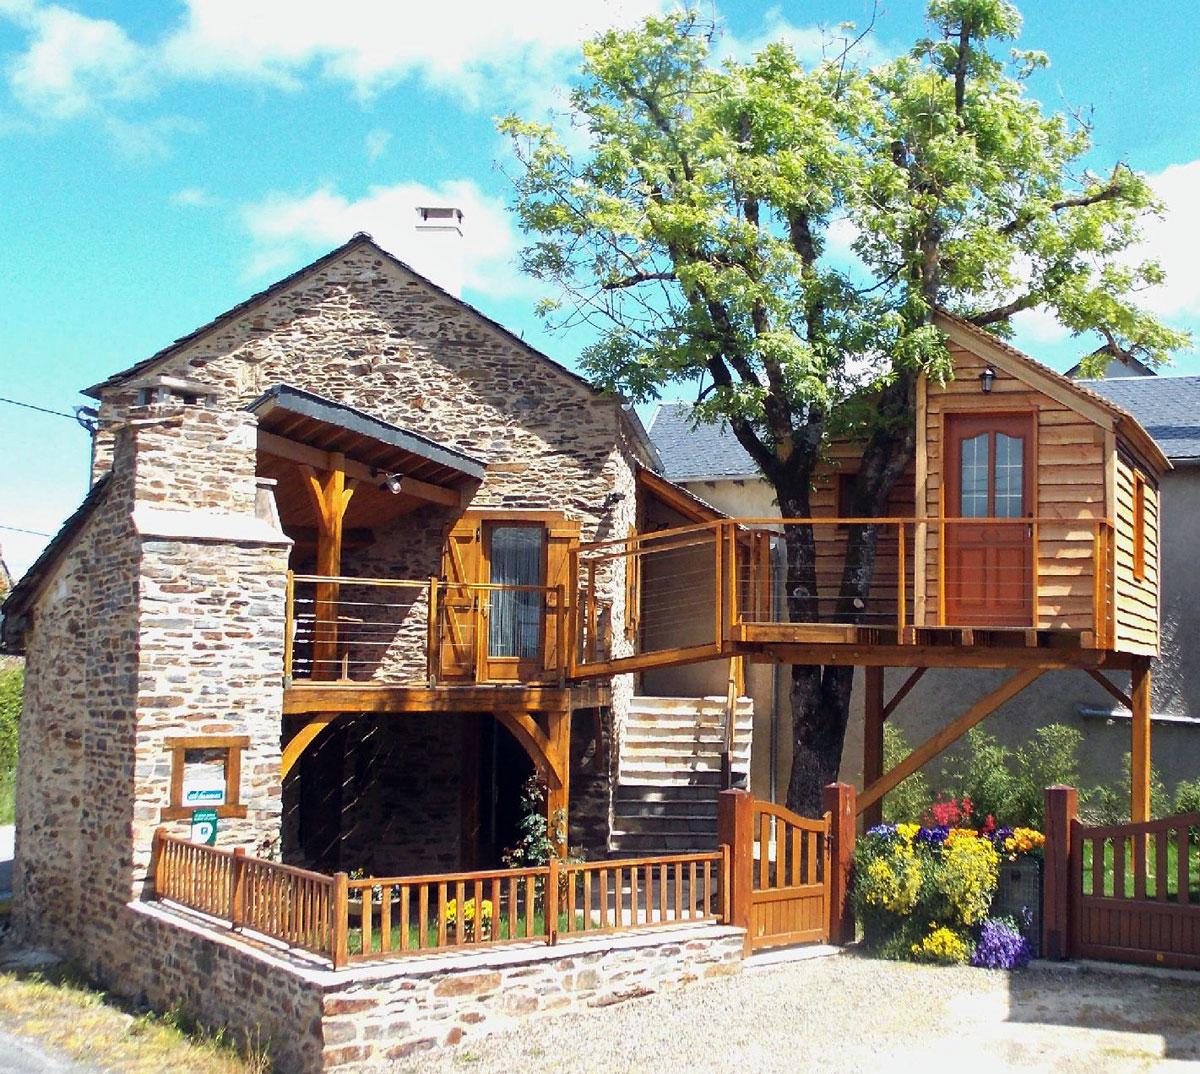 Cabane et maison d'Alain ASSIE à Naucelle, Aveyron